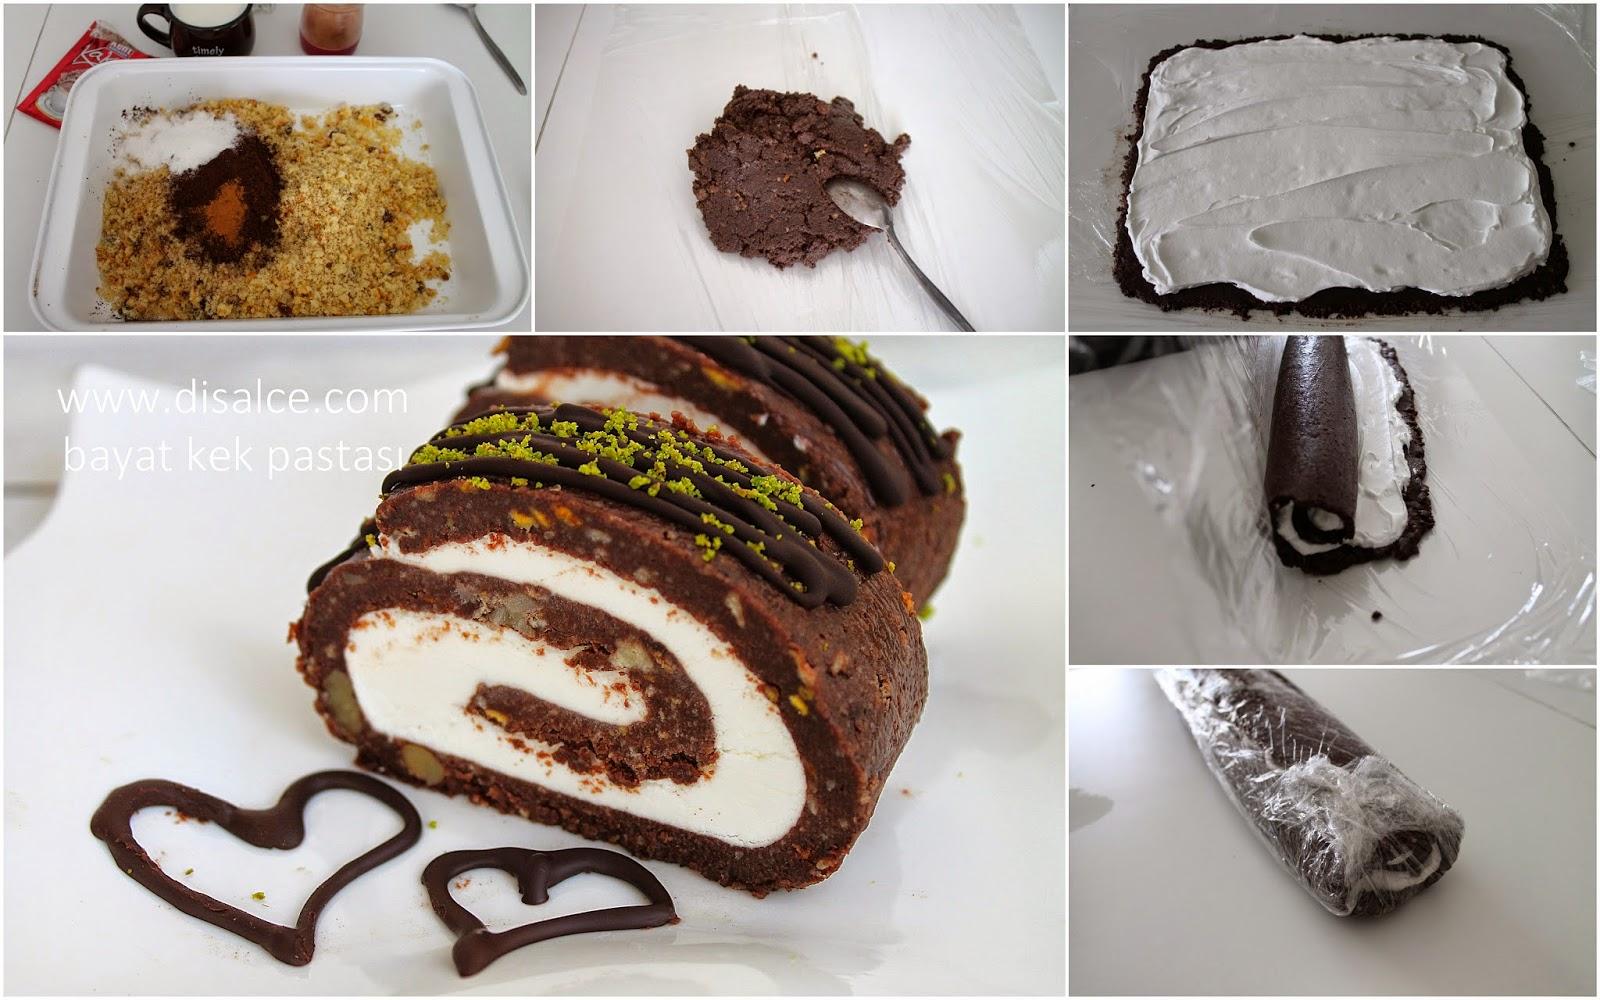 bayat kekten pasta yapımı